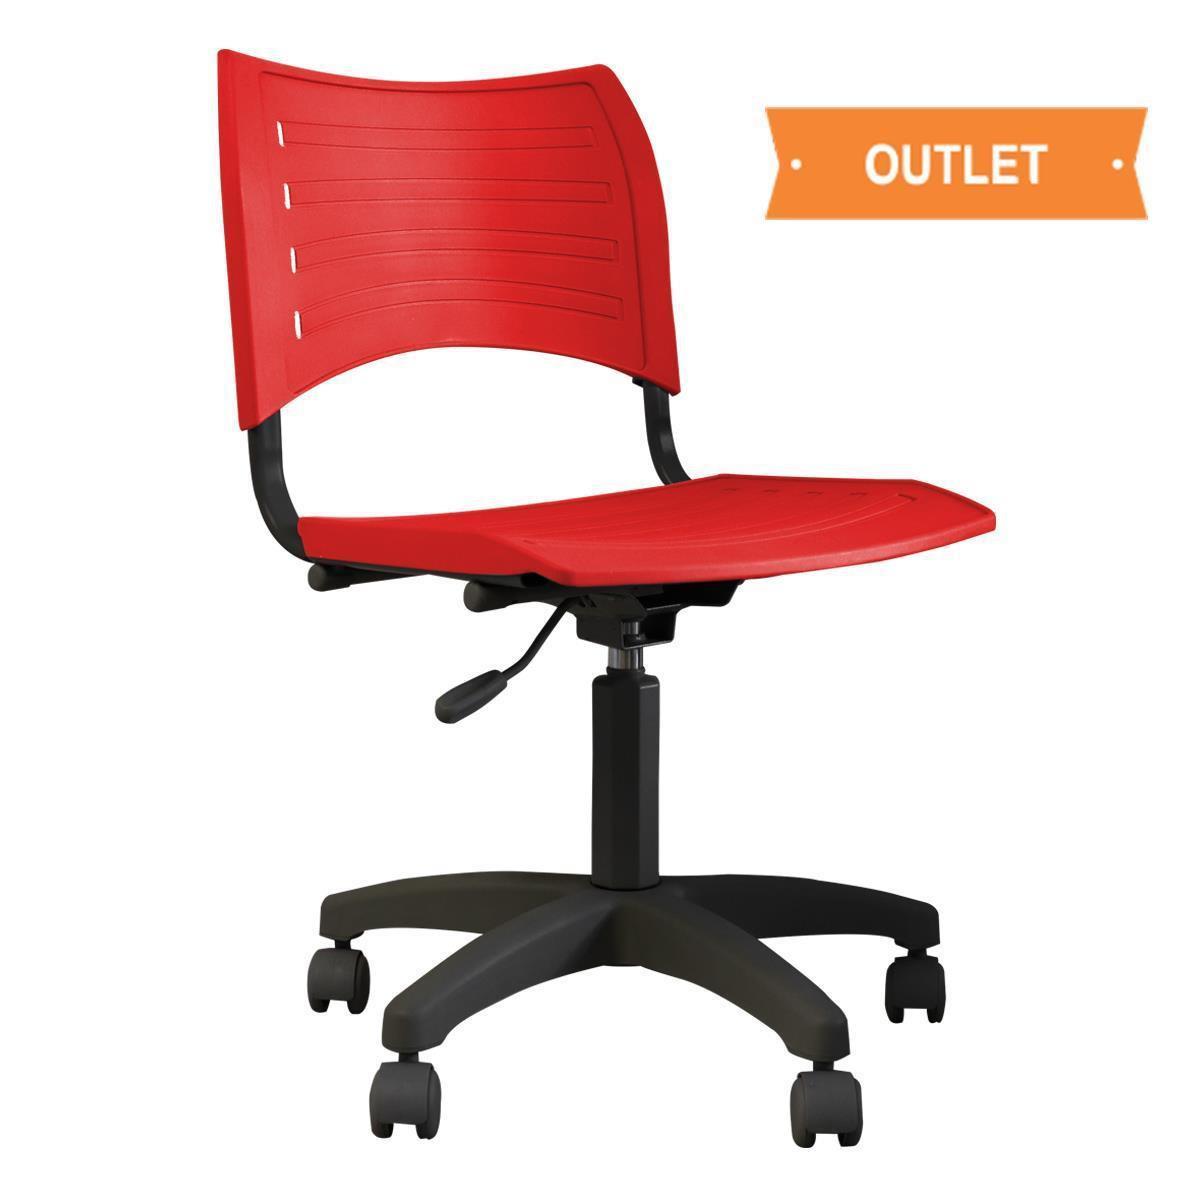 CADEIRA GIRATÓRIA TEK - Base preta, assento/encosto vermelho